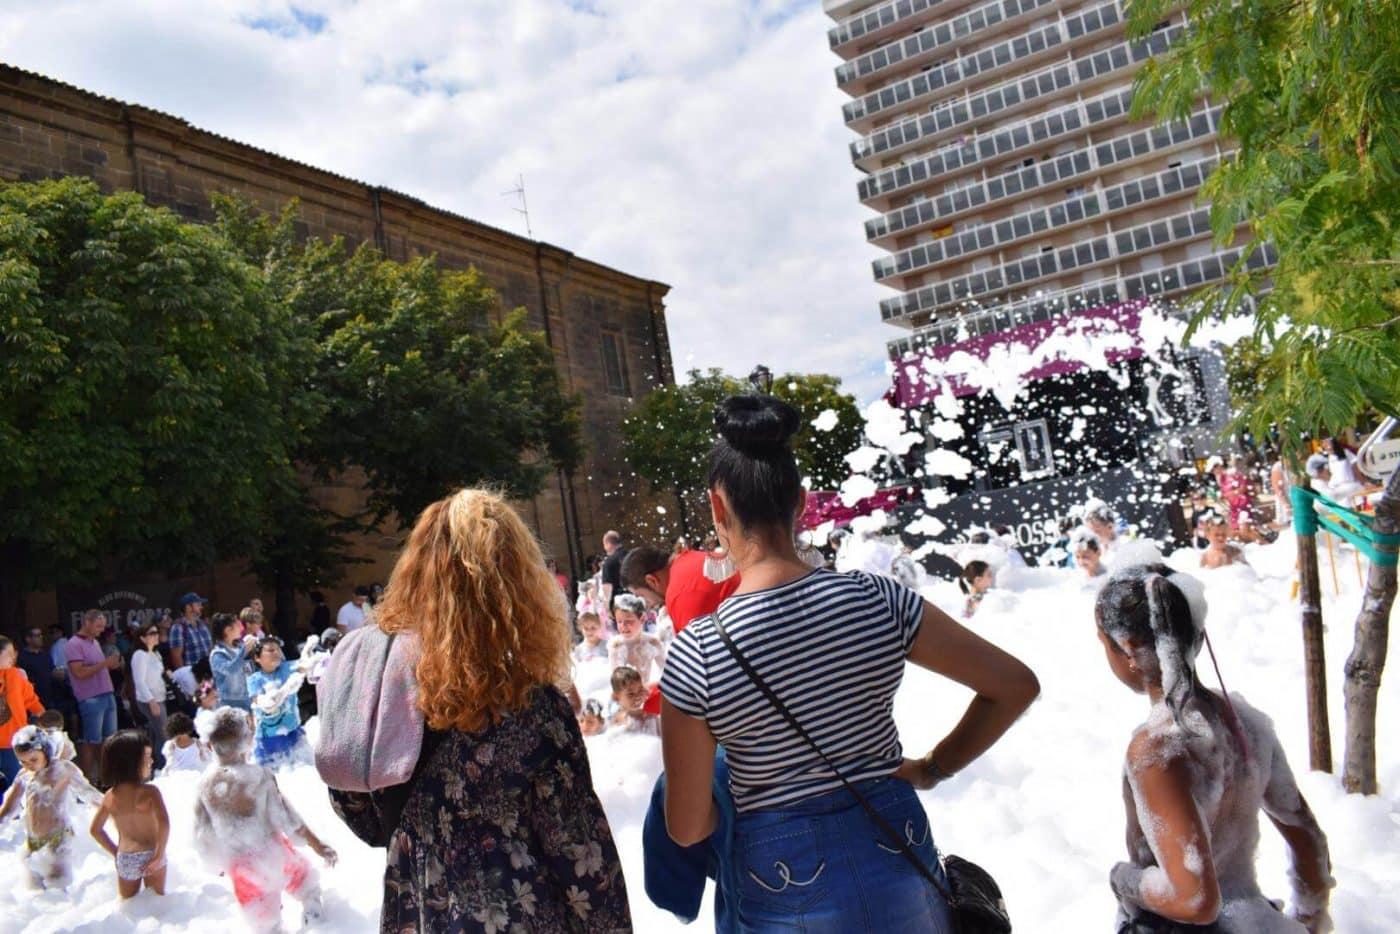 Concurso de lanzamiento de alpargata, fiesta de la espuma y mucha diversión 5